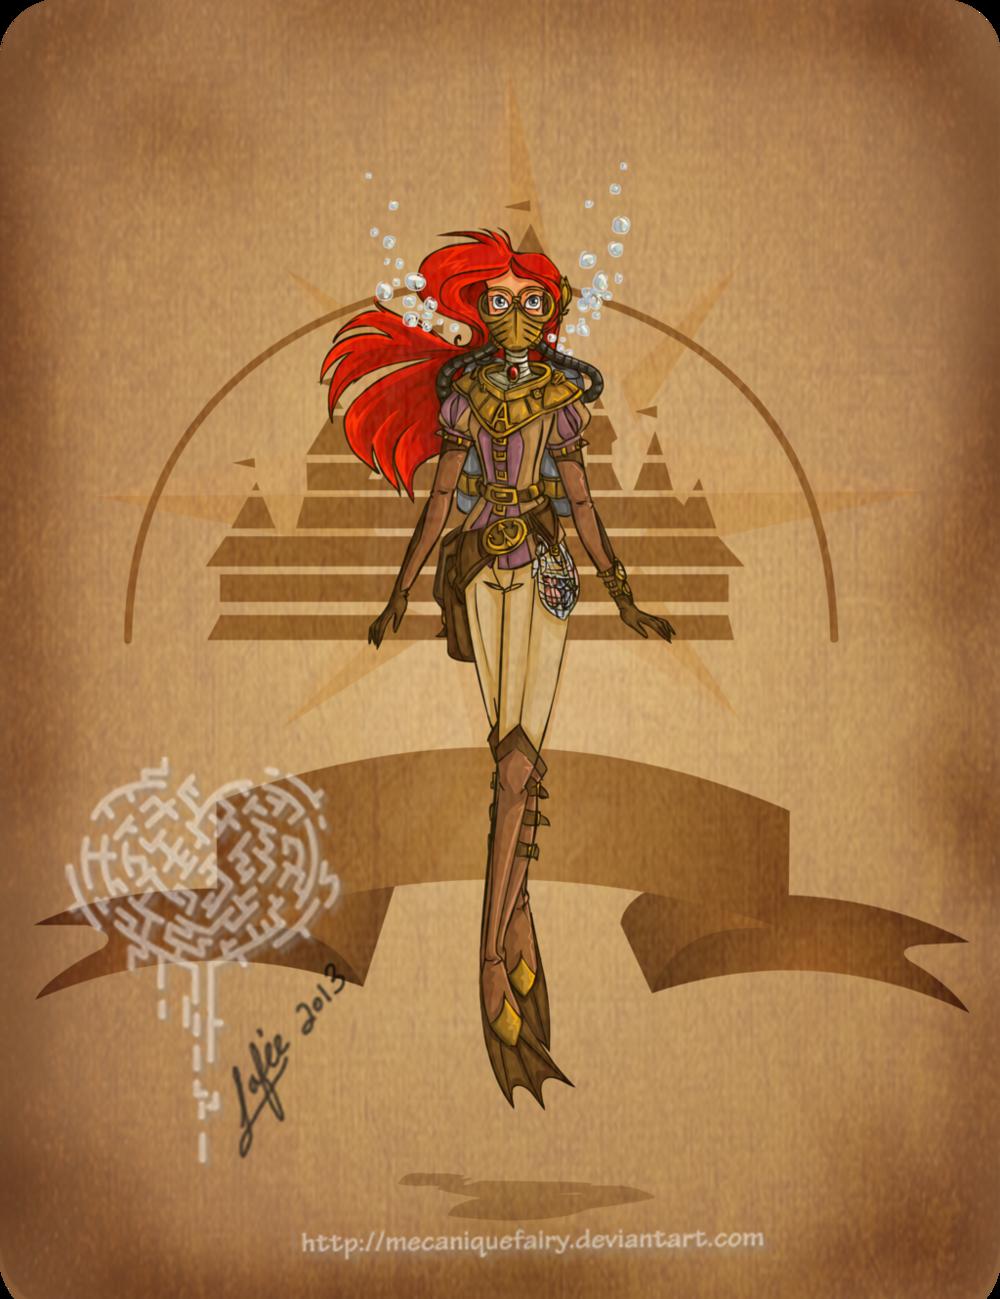 disney_steampunk__ariel_by_mecaniquefairy-d66joy4.png